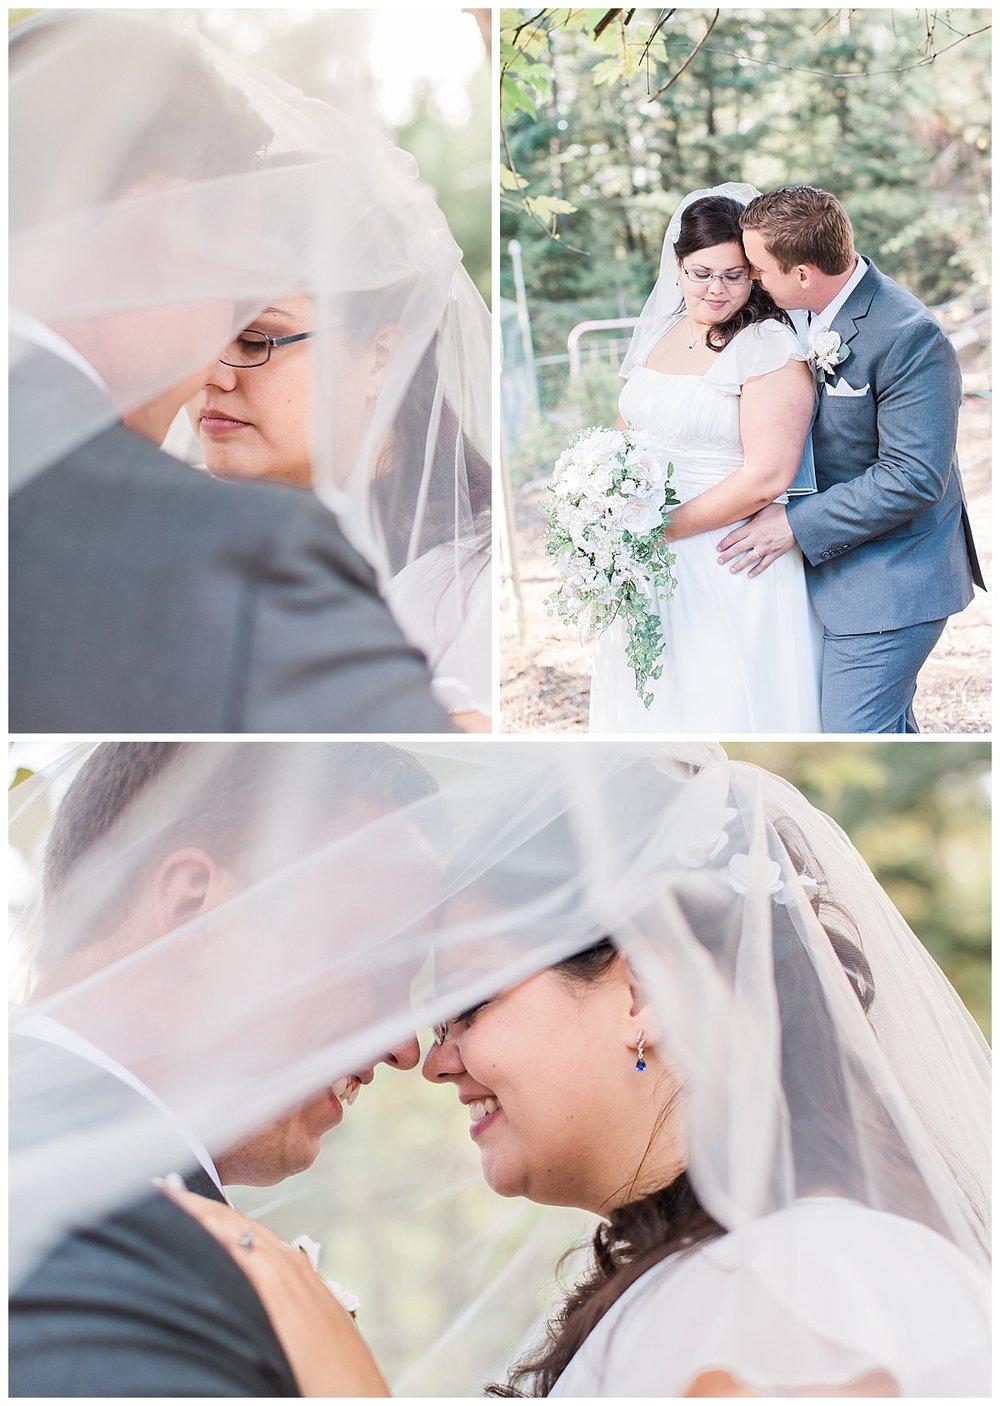 bride and groom veil photos